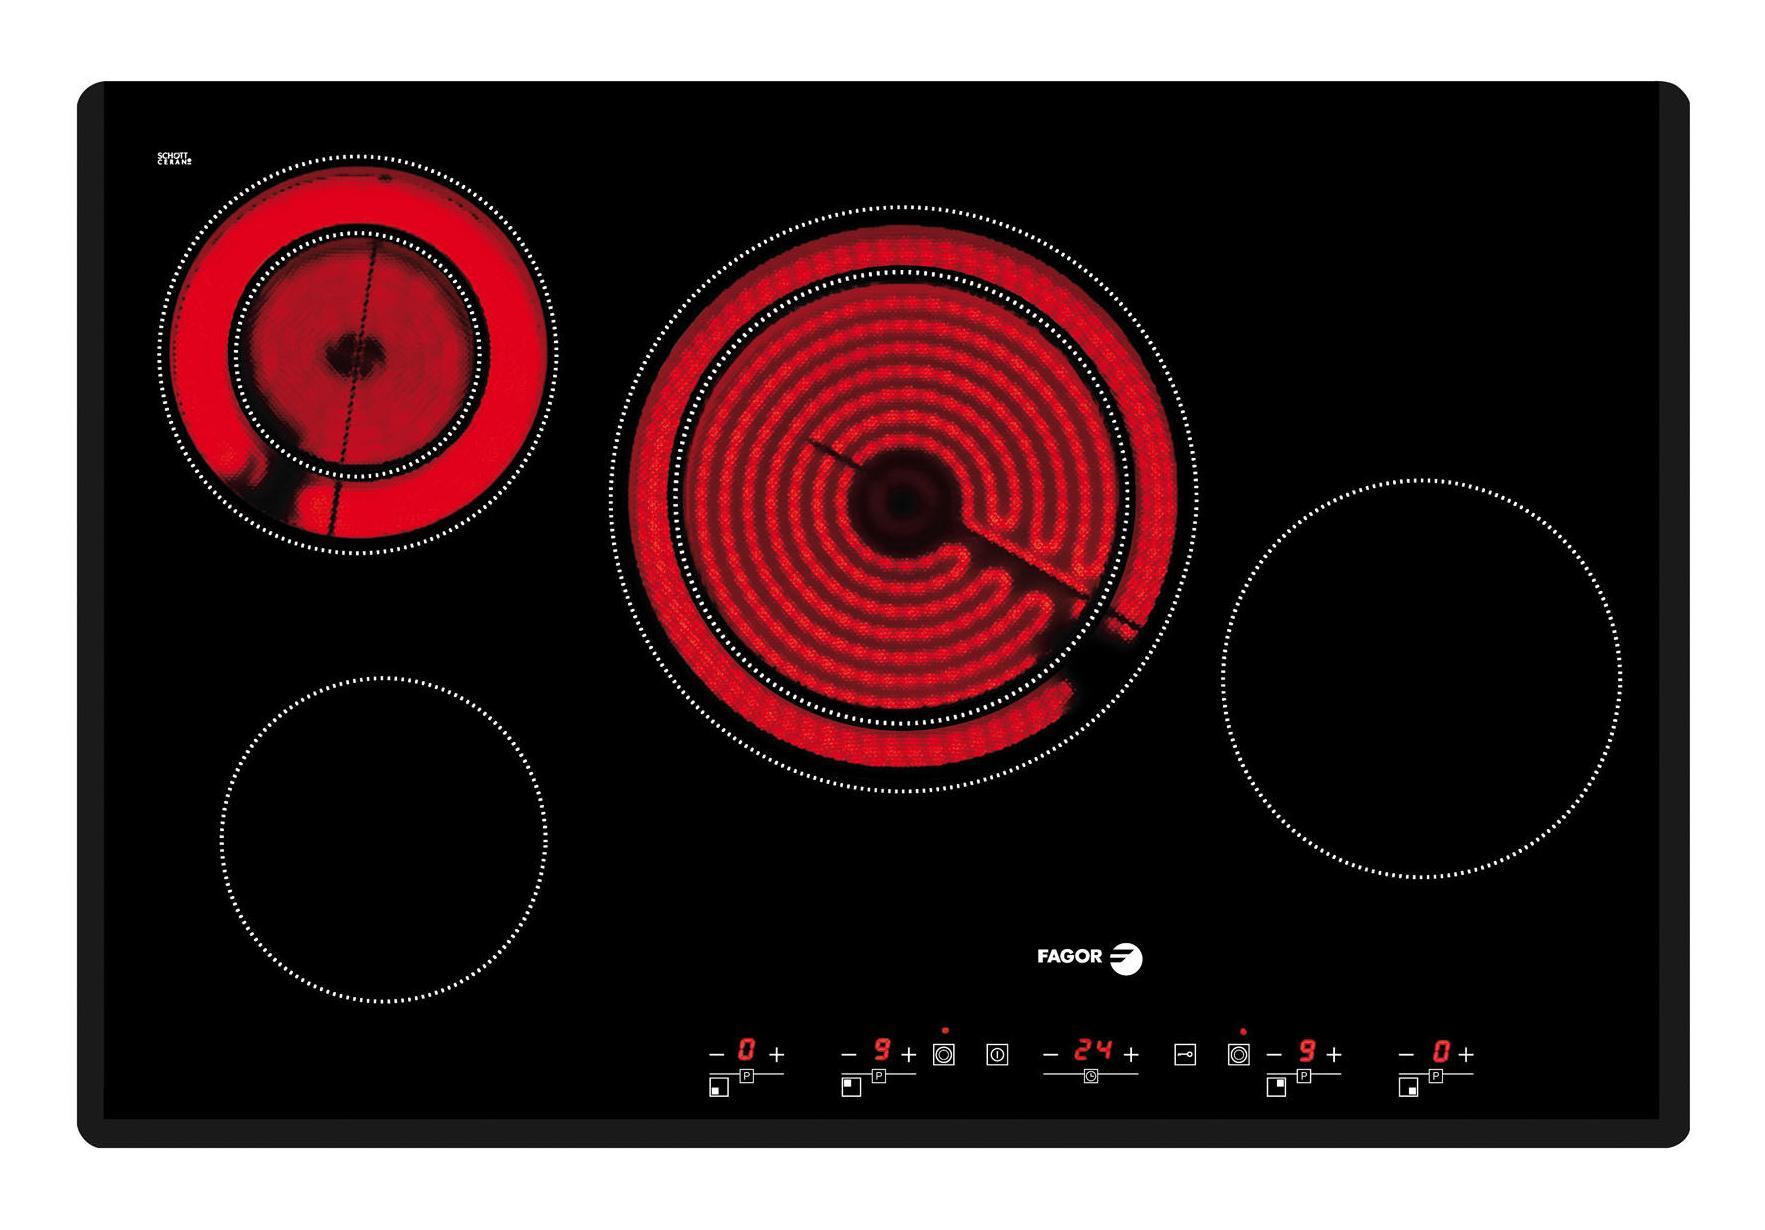 Casas cocinas mueble vitroceramica induccion baratas for Placas de gas baratas